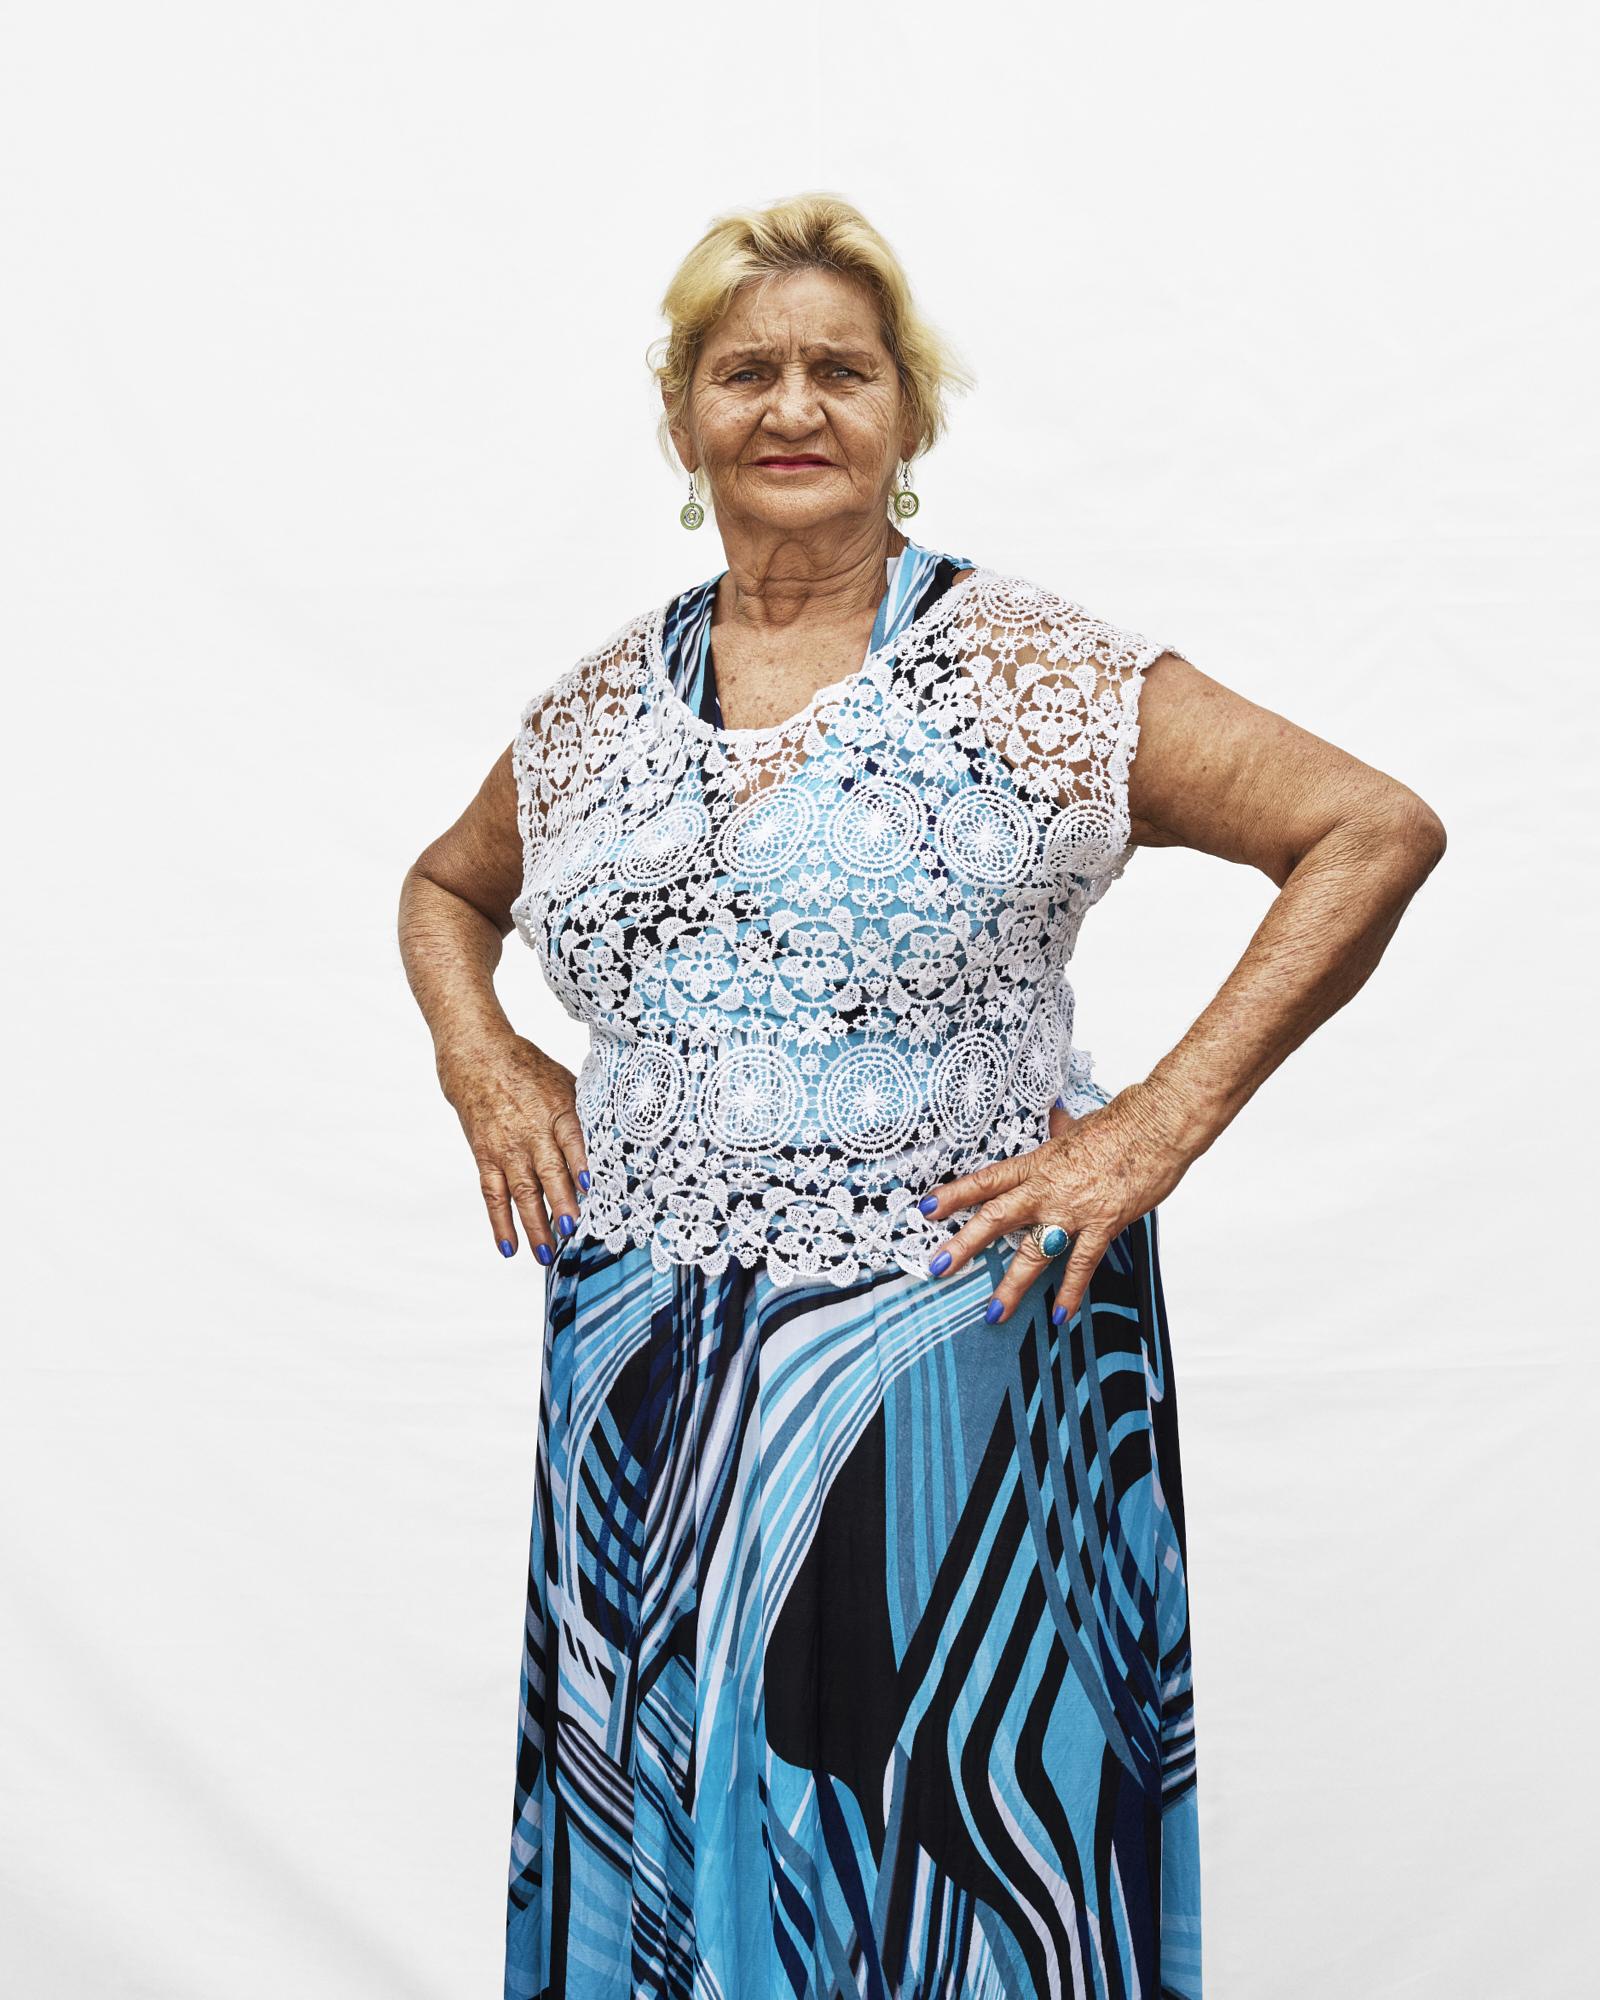 Maria de Lourdes Araújo Barreto